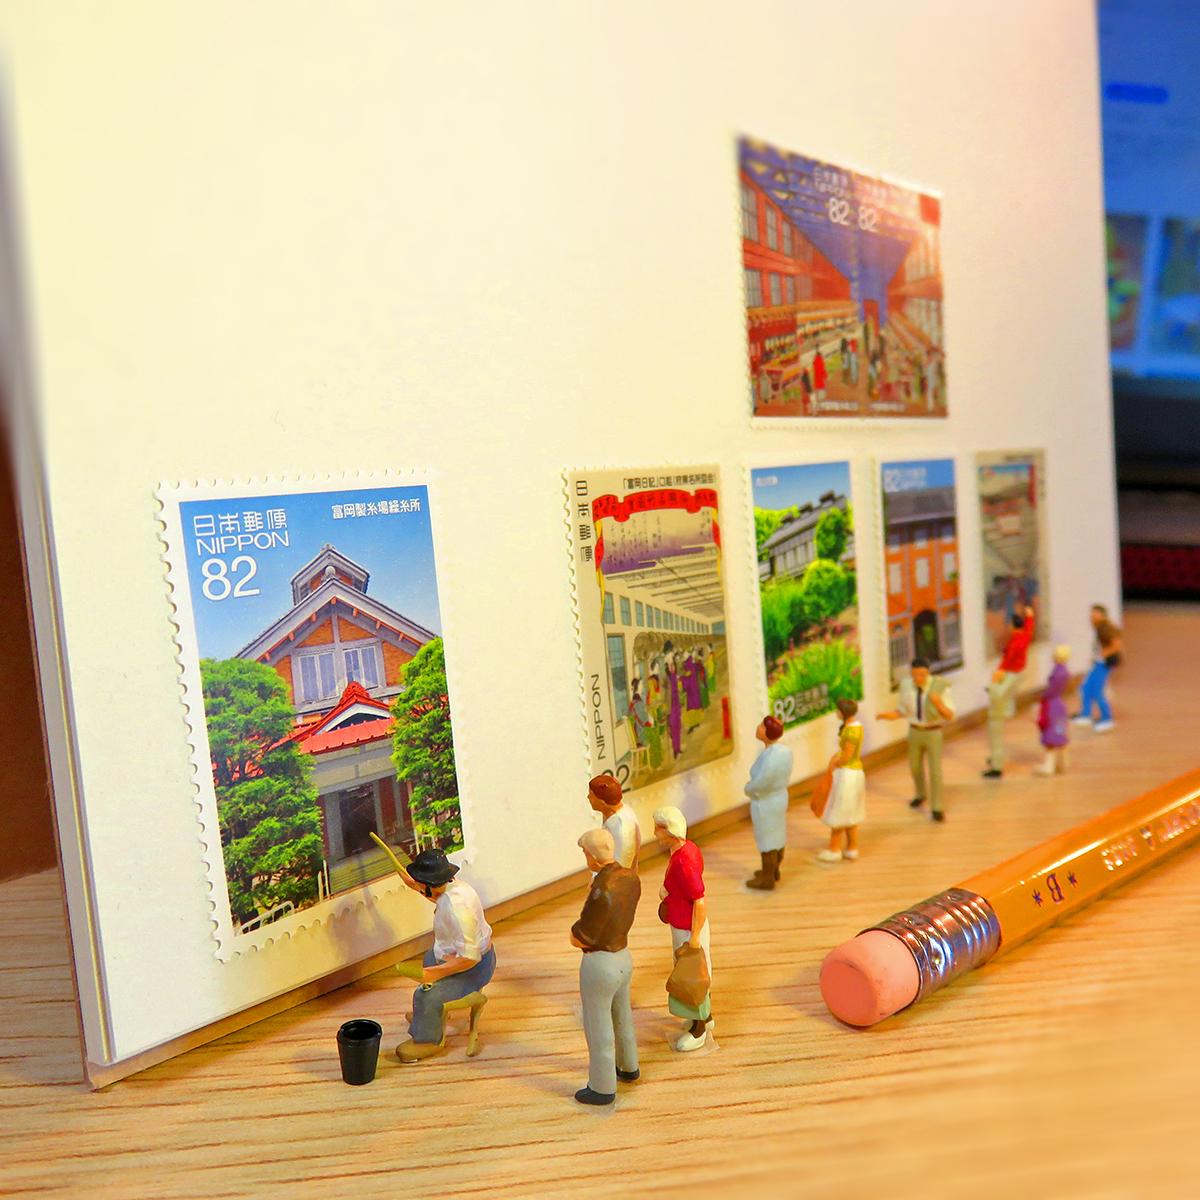 4月20日は郵政記念日!画家アルフォートさんの風景切手の展示会